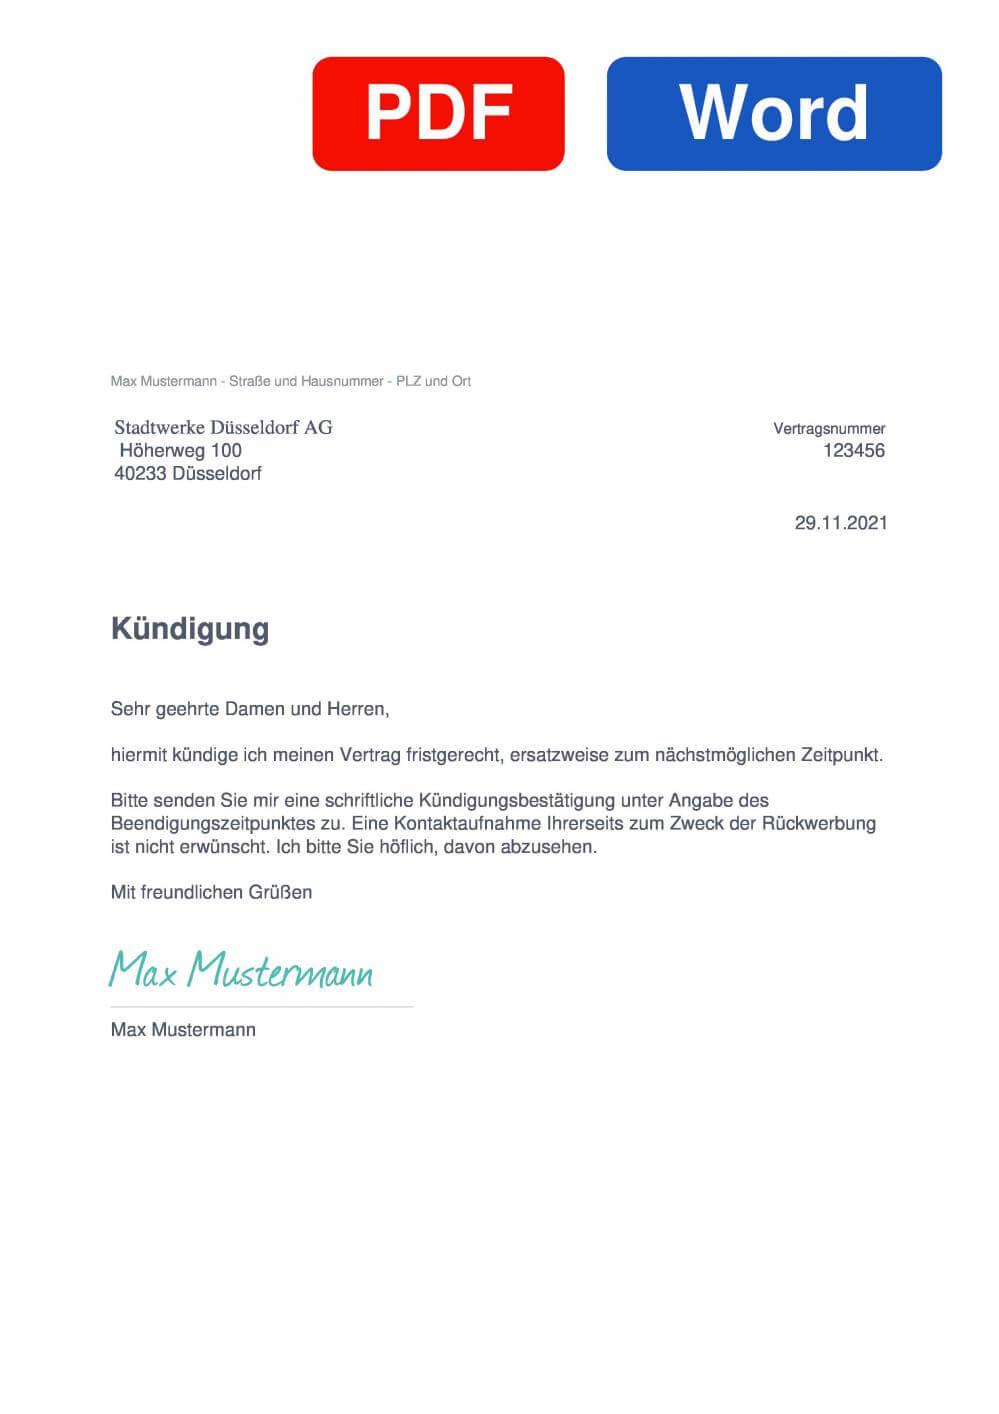 Stadtwerke Düsseldorf Muster Vorlage für Kündigungsschreiben